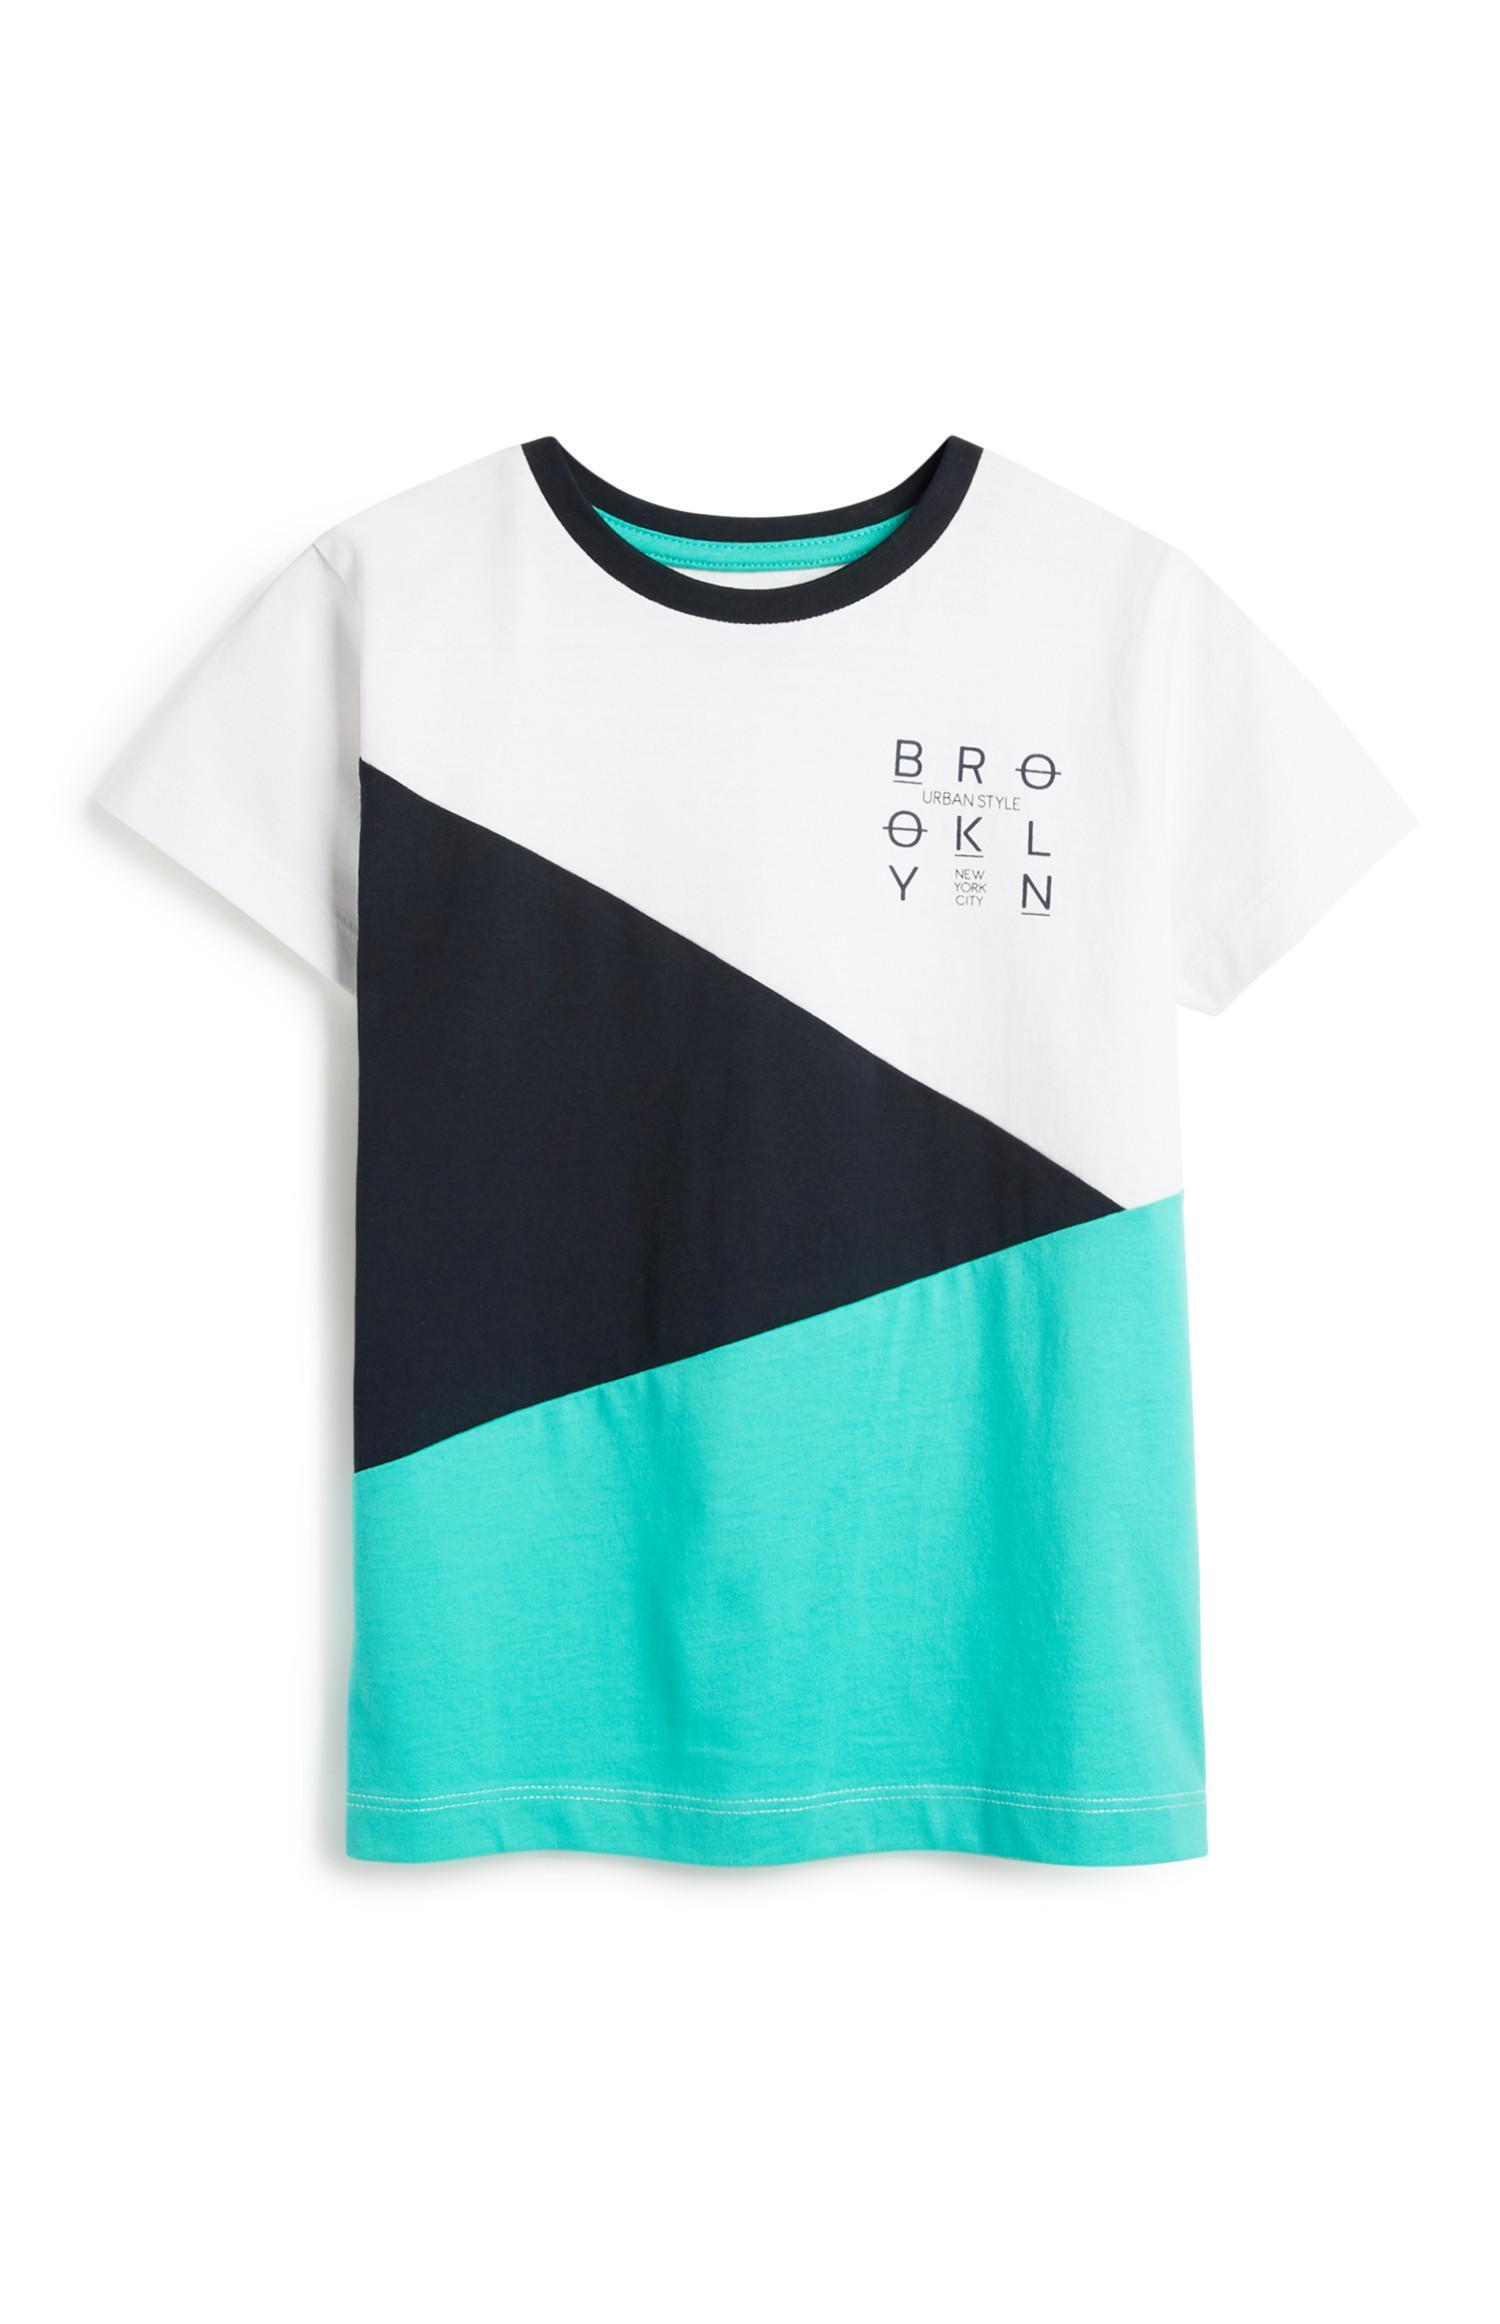 T-shirt met kleurblokken, jongens